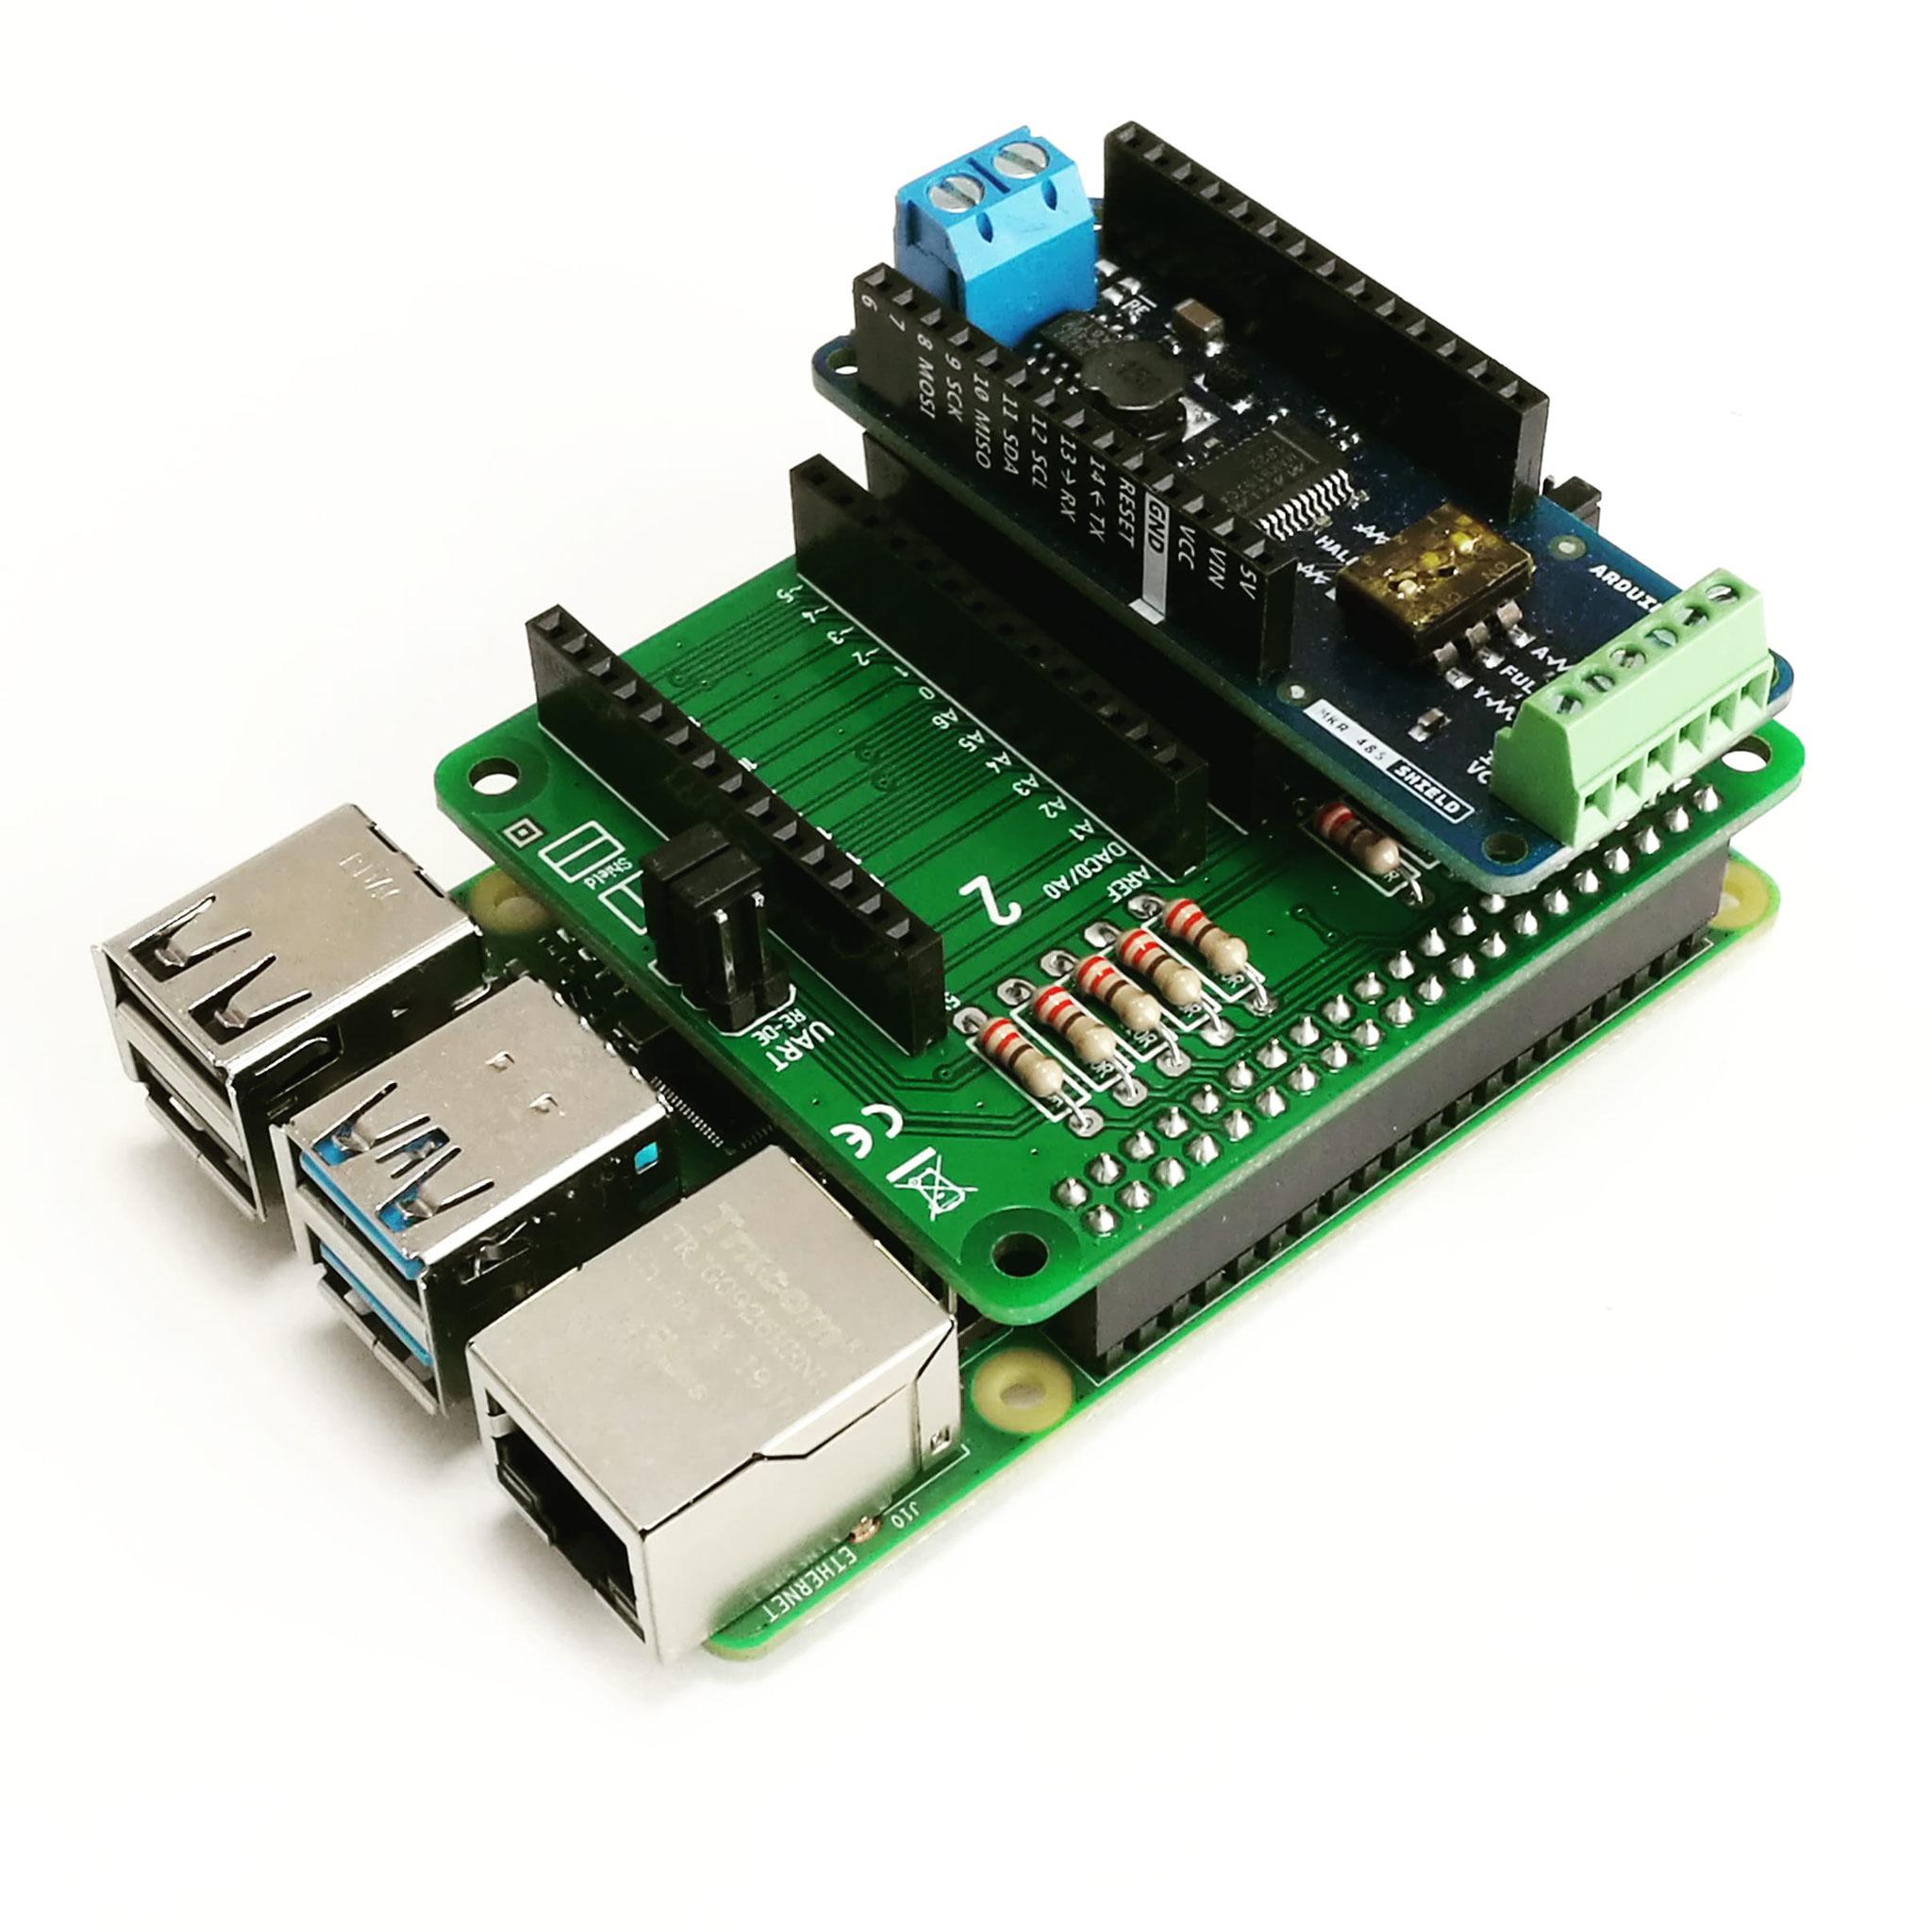 PiMKRHAT mit aufgestecktem Arduino MKR485 Shield